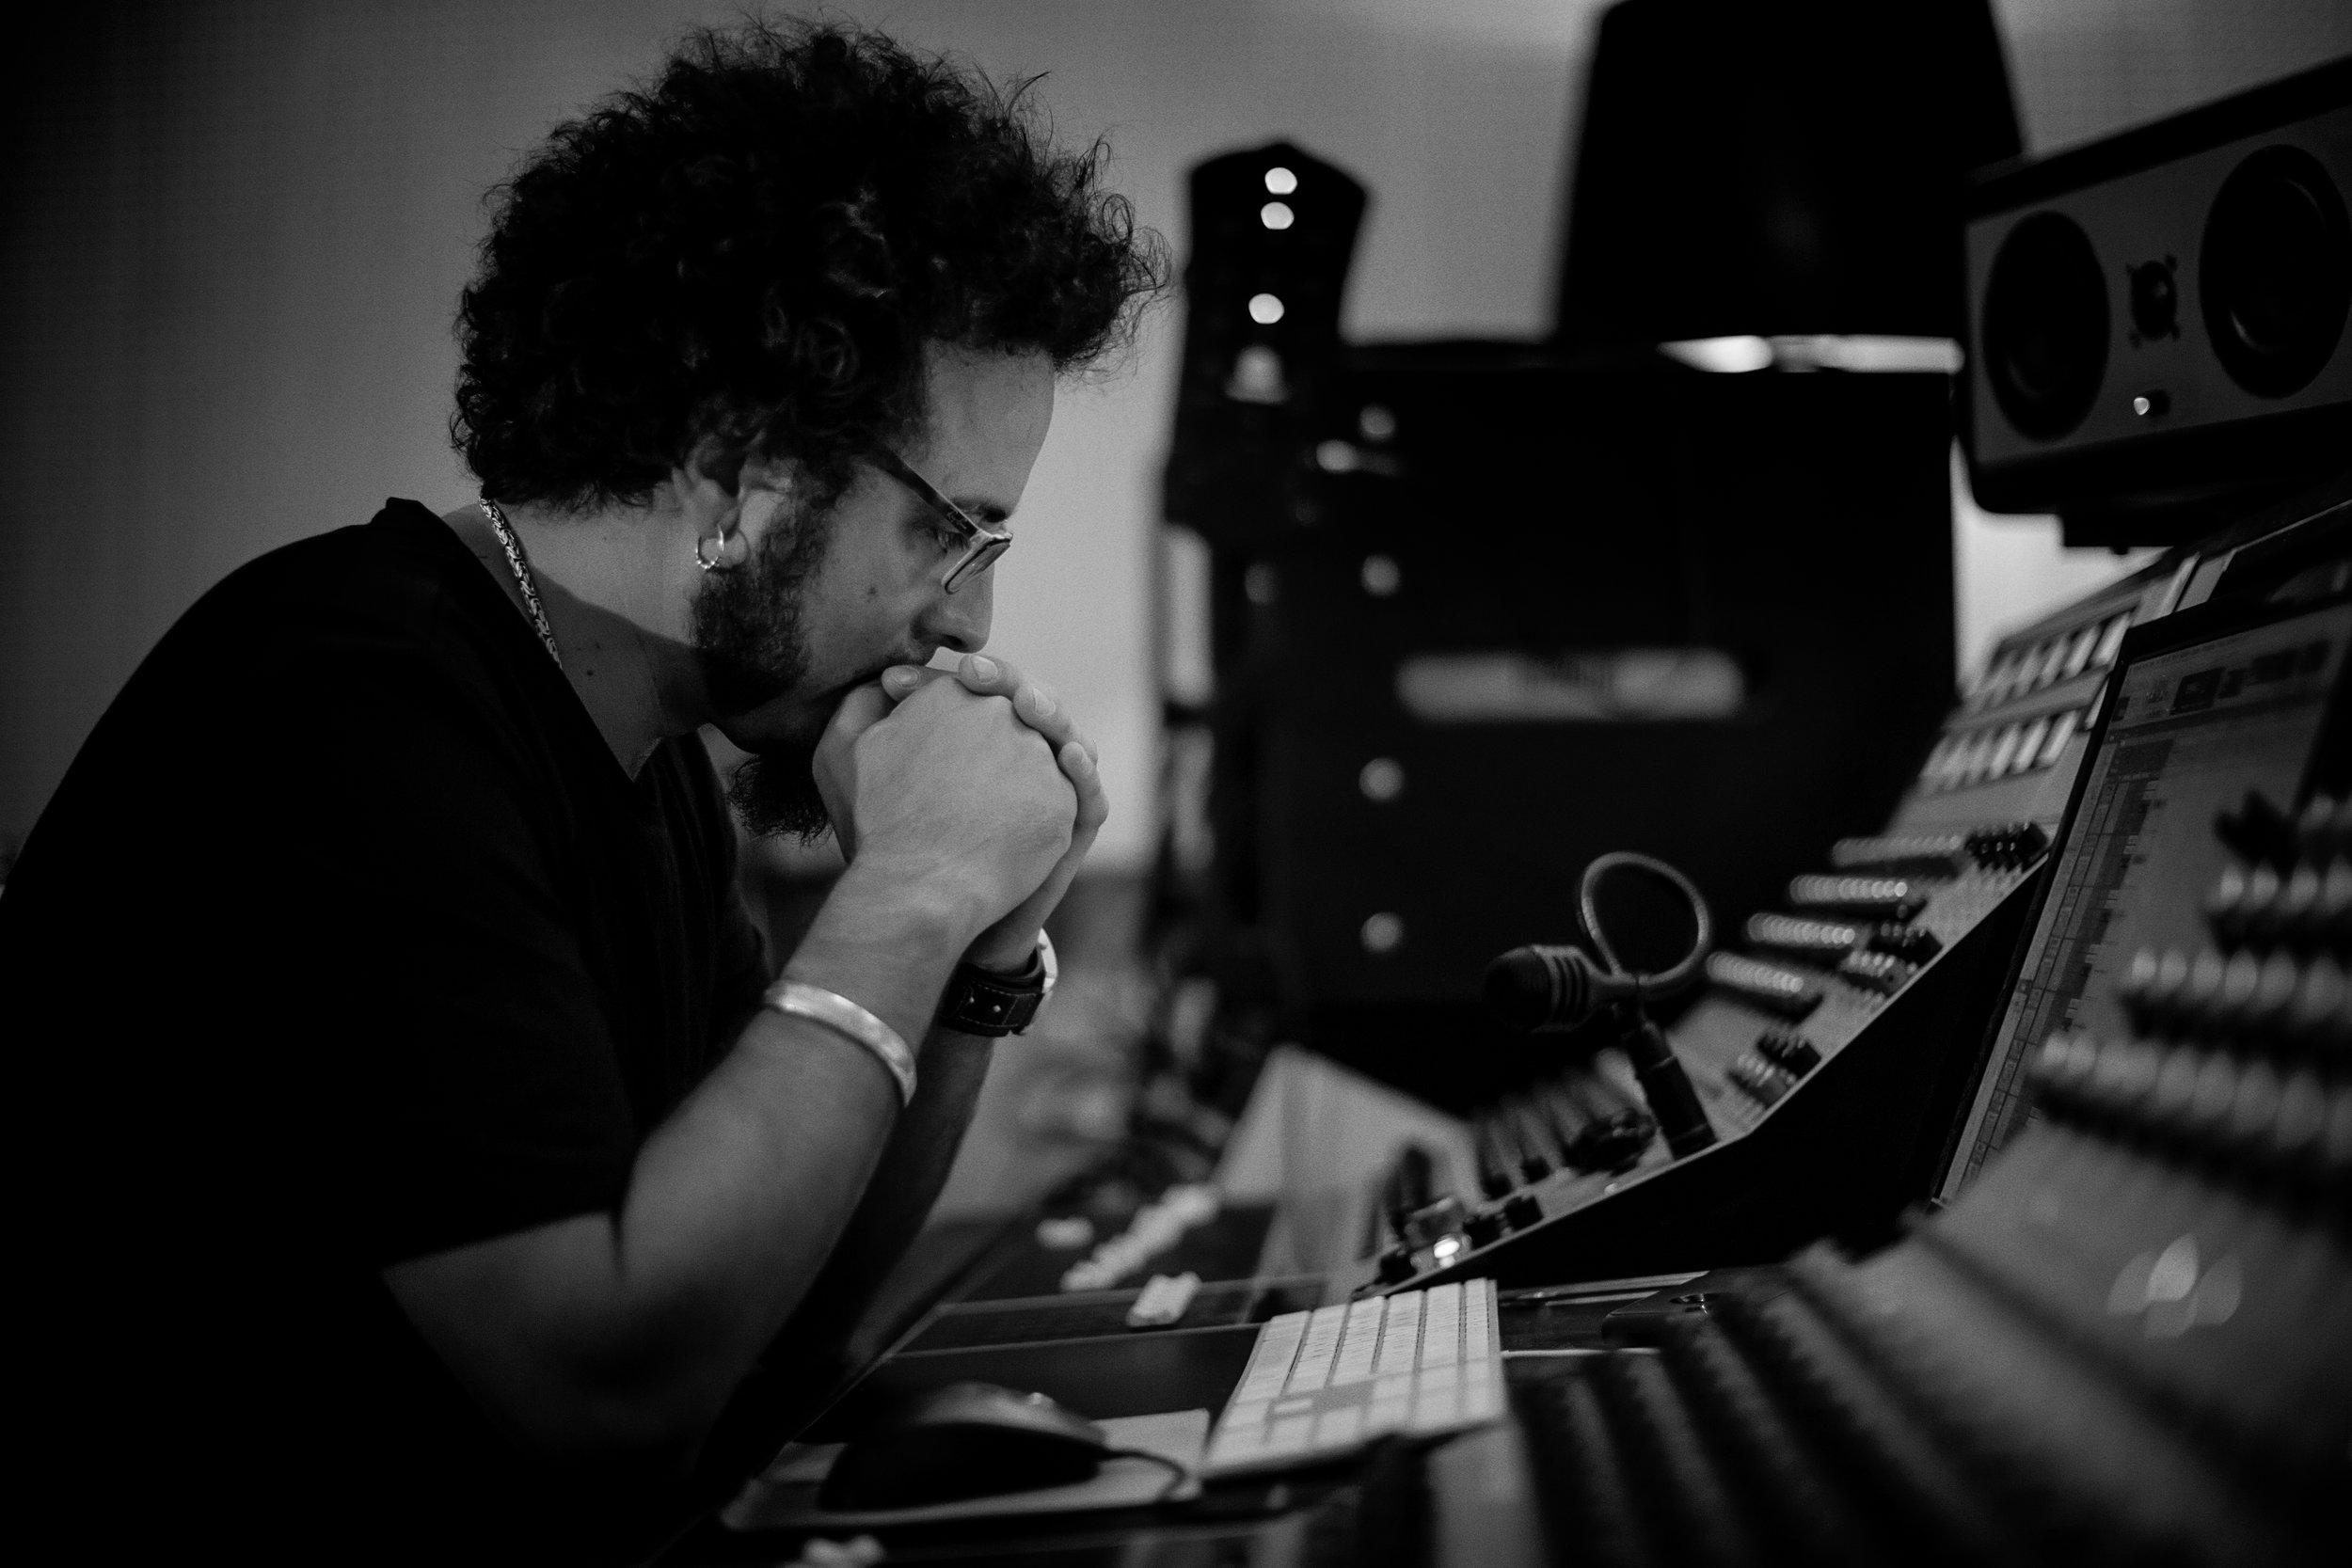 isaac Rico - Con 17 años de profesión ha trabajado tanto en estudio como en directo con infinidad de artistas nacionales e internacionales.Especializado en estilos orgánicos y en el Rock en todas sus vertientes, también compagina la docencia y la mezcla de BSO originales con largas giras.Desde el minuto 1 en el estudio busca incansablemente el tono adecuado para el proyecto y se involucra mano a mano con el artista, es conocido por sus baterías y bases con sonidos gigantes.Creador del sonido Jabalí©, le fascina la parte más orgánica del mismo, de hecho todavía cuentan en los paritorios que al nacer le desenchufaron un jack del ombligo...